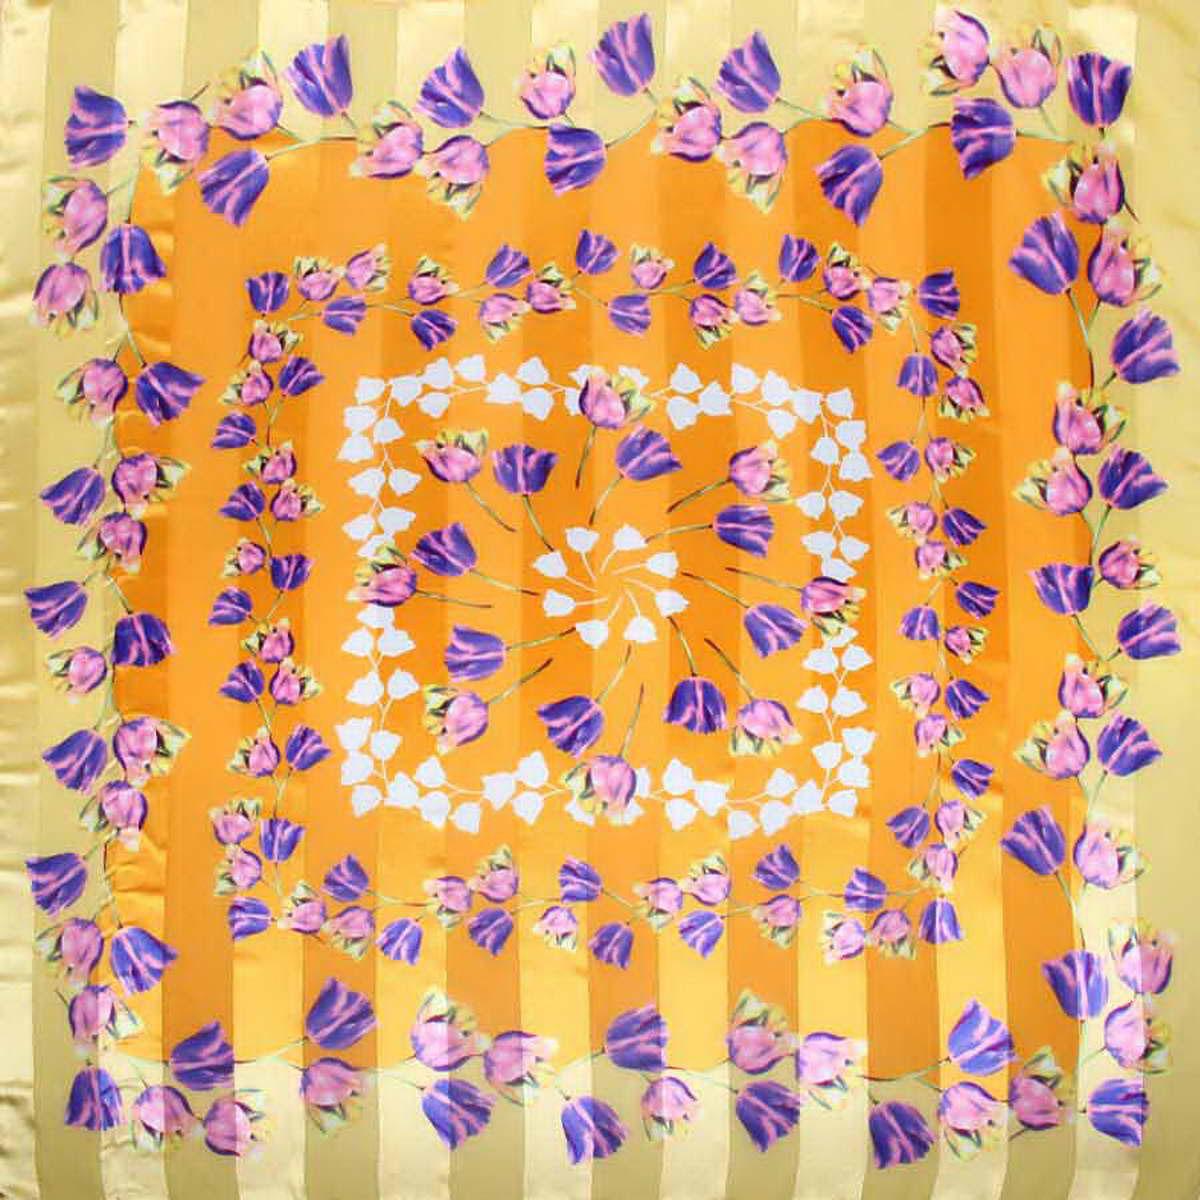 Платок3904972-19Стильный женский платок Venera станет великолепным завершением любого наряда. Платок, изготовленный из полиэстера, оформлен цветочным принтом. Классическая квадратная форма позволяет носить платок на шее, украшать им прическу или декорировать сумочку. Легкий и приятный на ощупь платок поможет вам создать изысканный женственный образ. Такой платок превосходно дополнит любой наряд и подчеркнет ваш неповторимый вкус и элегантность.